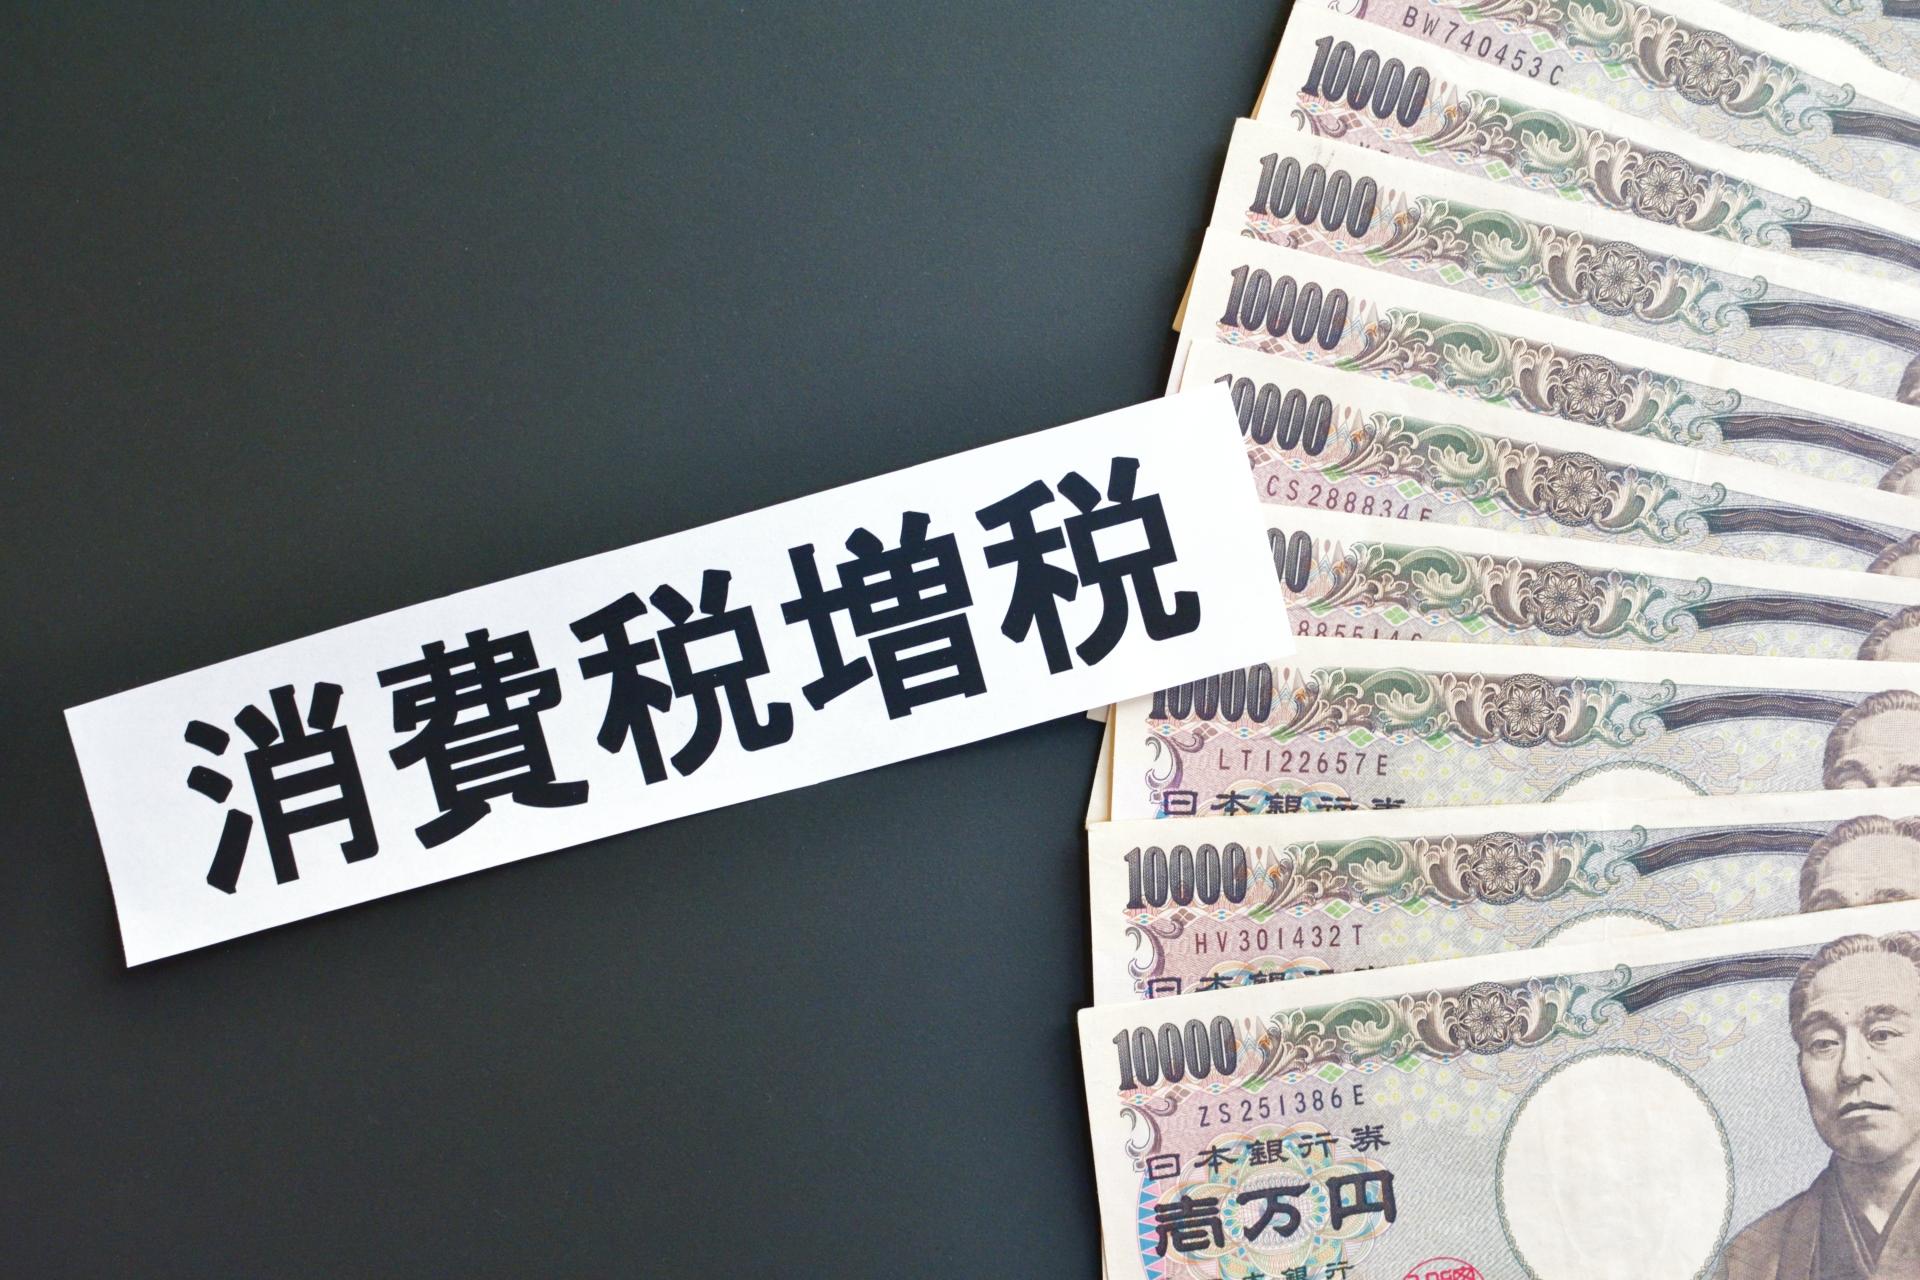 6f4b717fd84bd97abe9b3f9da8166ee2 m - 消費税増税【POTETOワード】